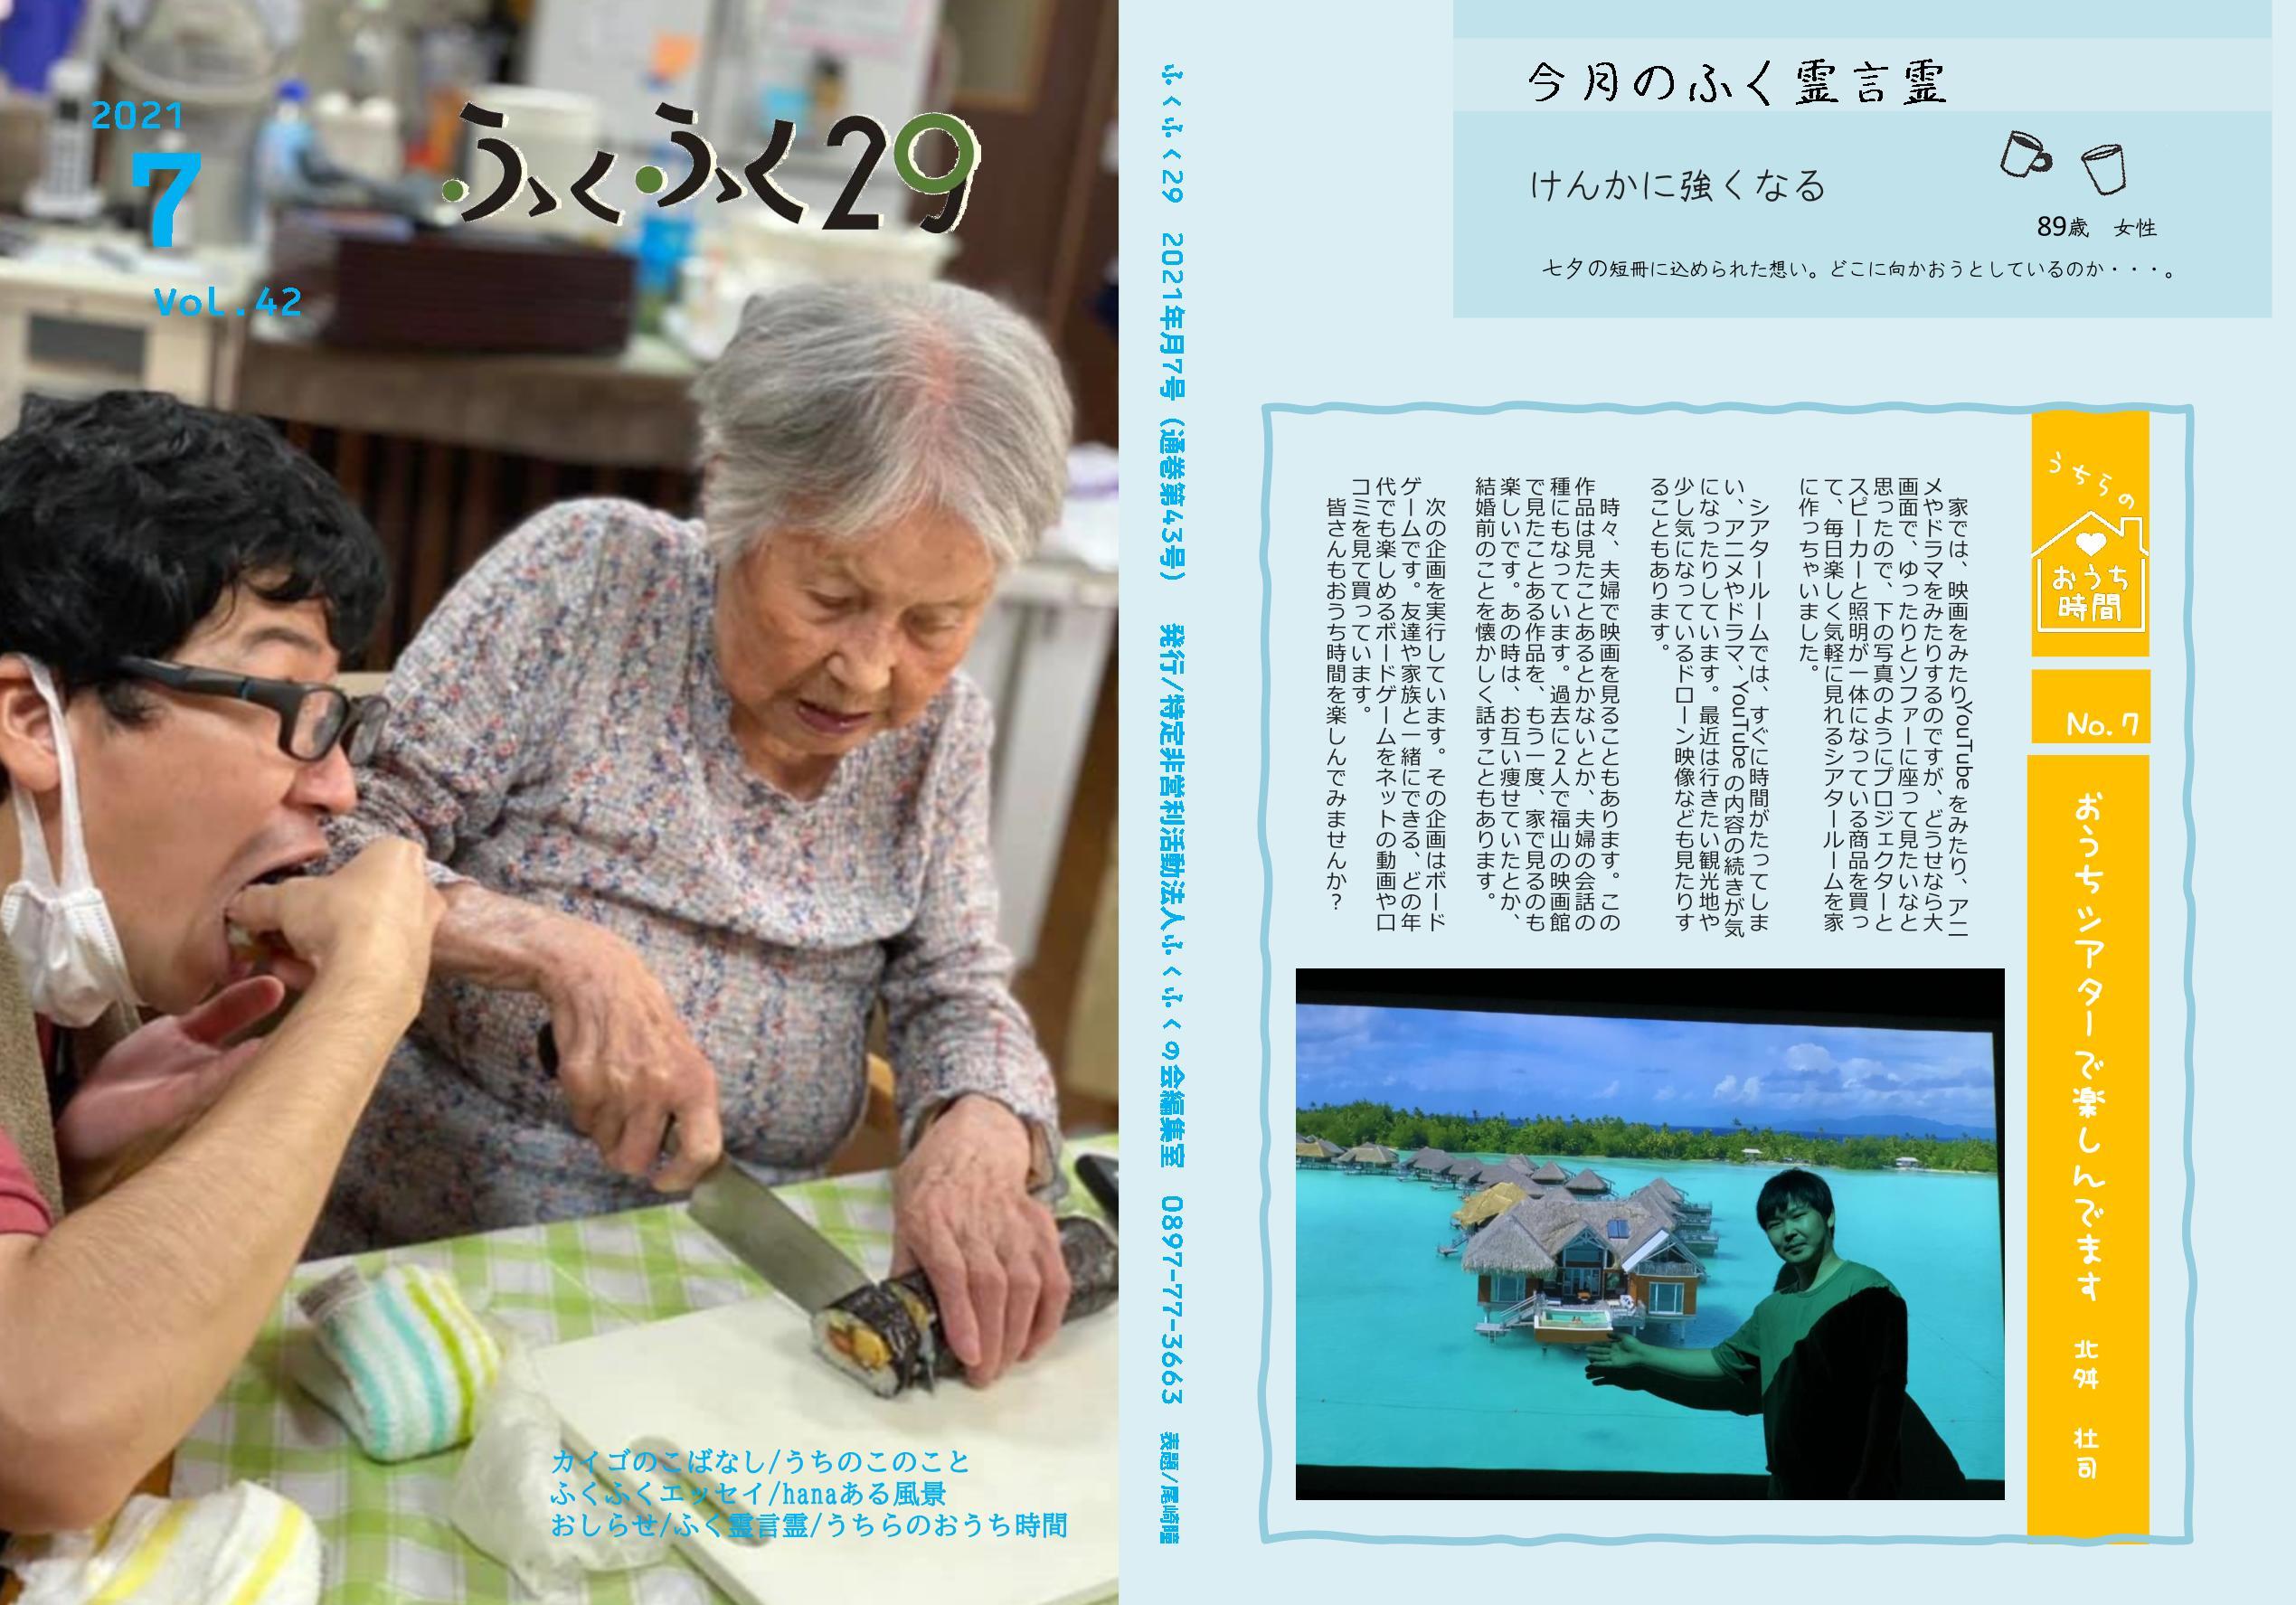 http://fukufukunokai.com/newsletter/images/7%E6%9C%88%E5%8F%B72_cropped_1.jpeg